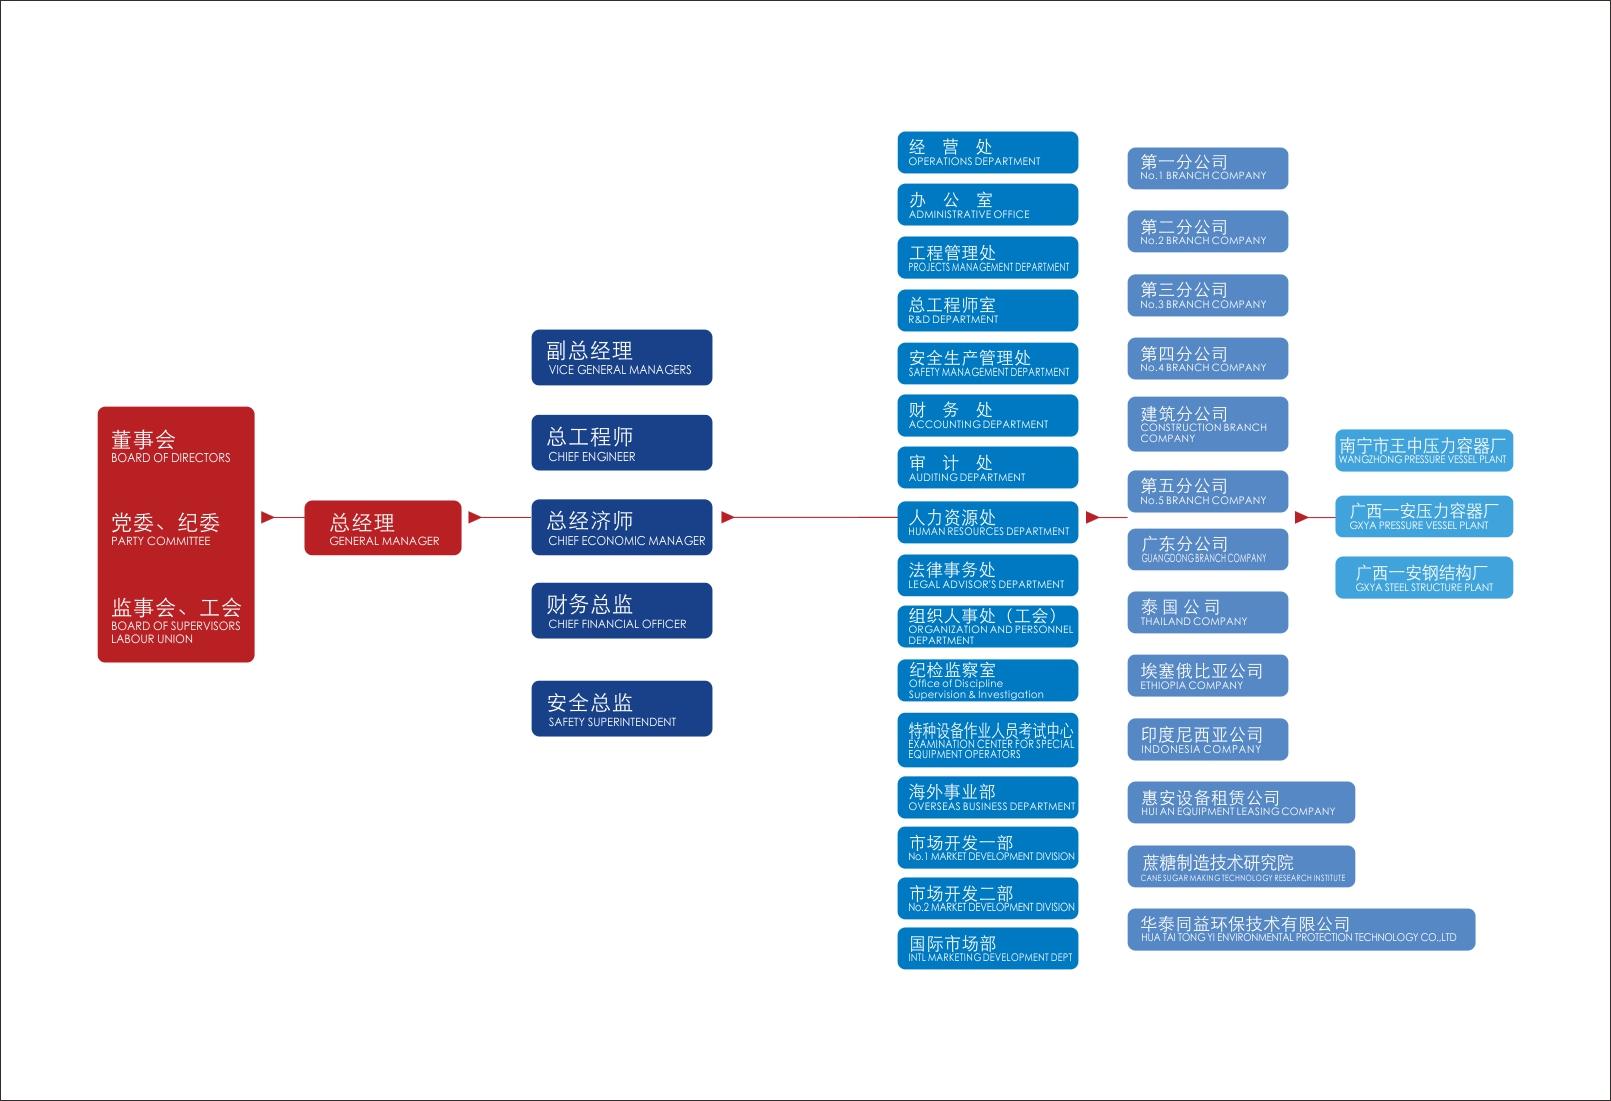 最新组织架构图20200927.jpg